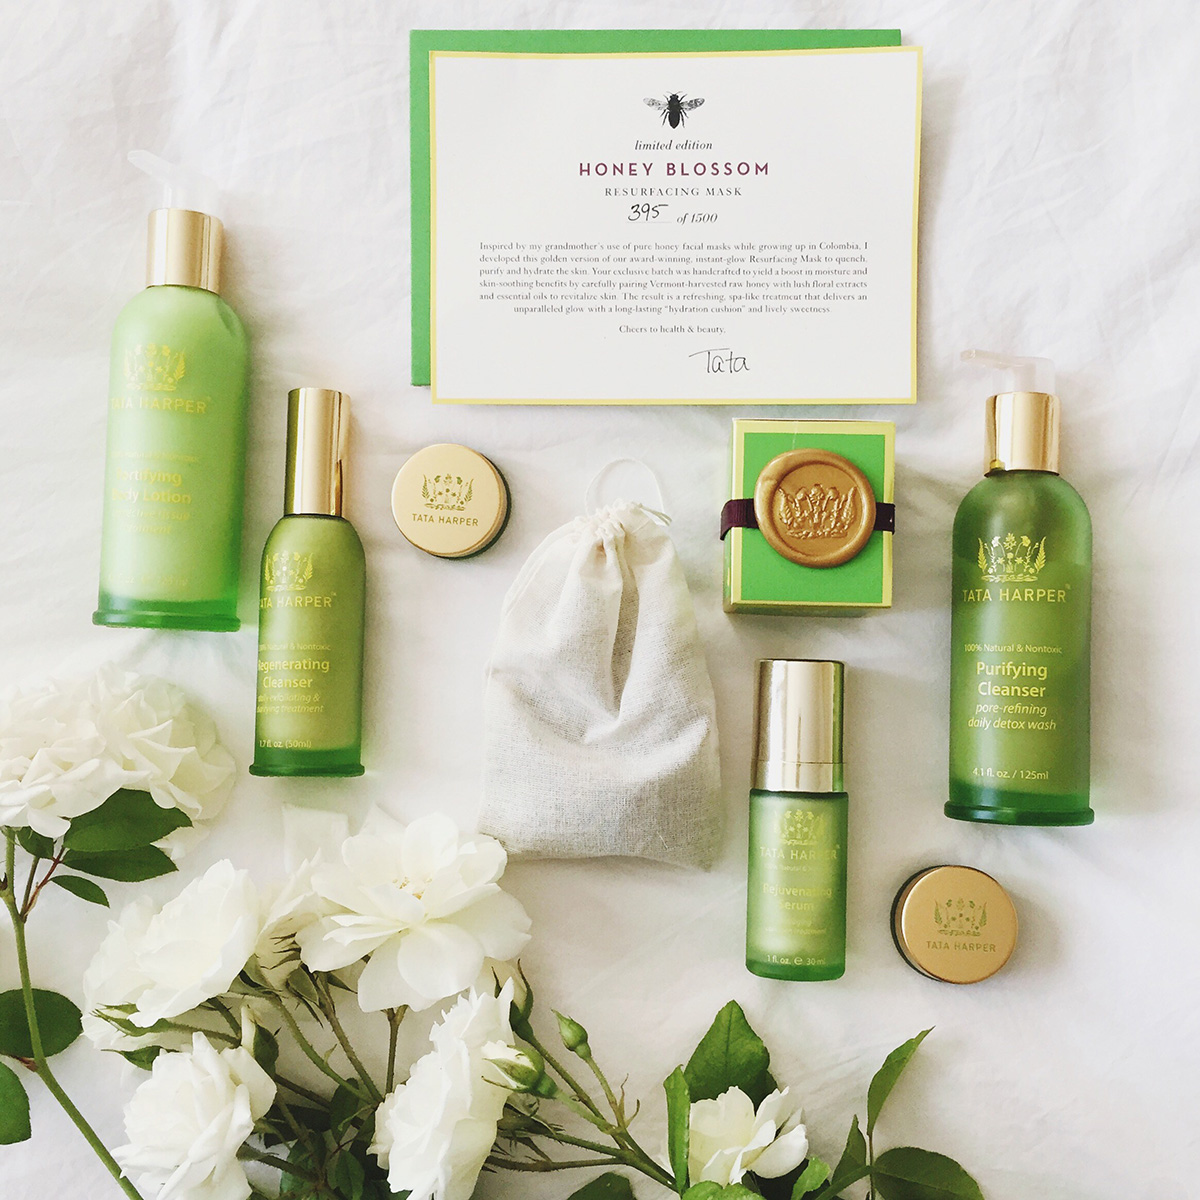 Luxe Digital luxury marketing strategy beauty skin care Tata Harper